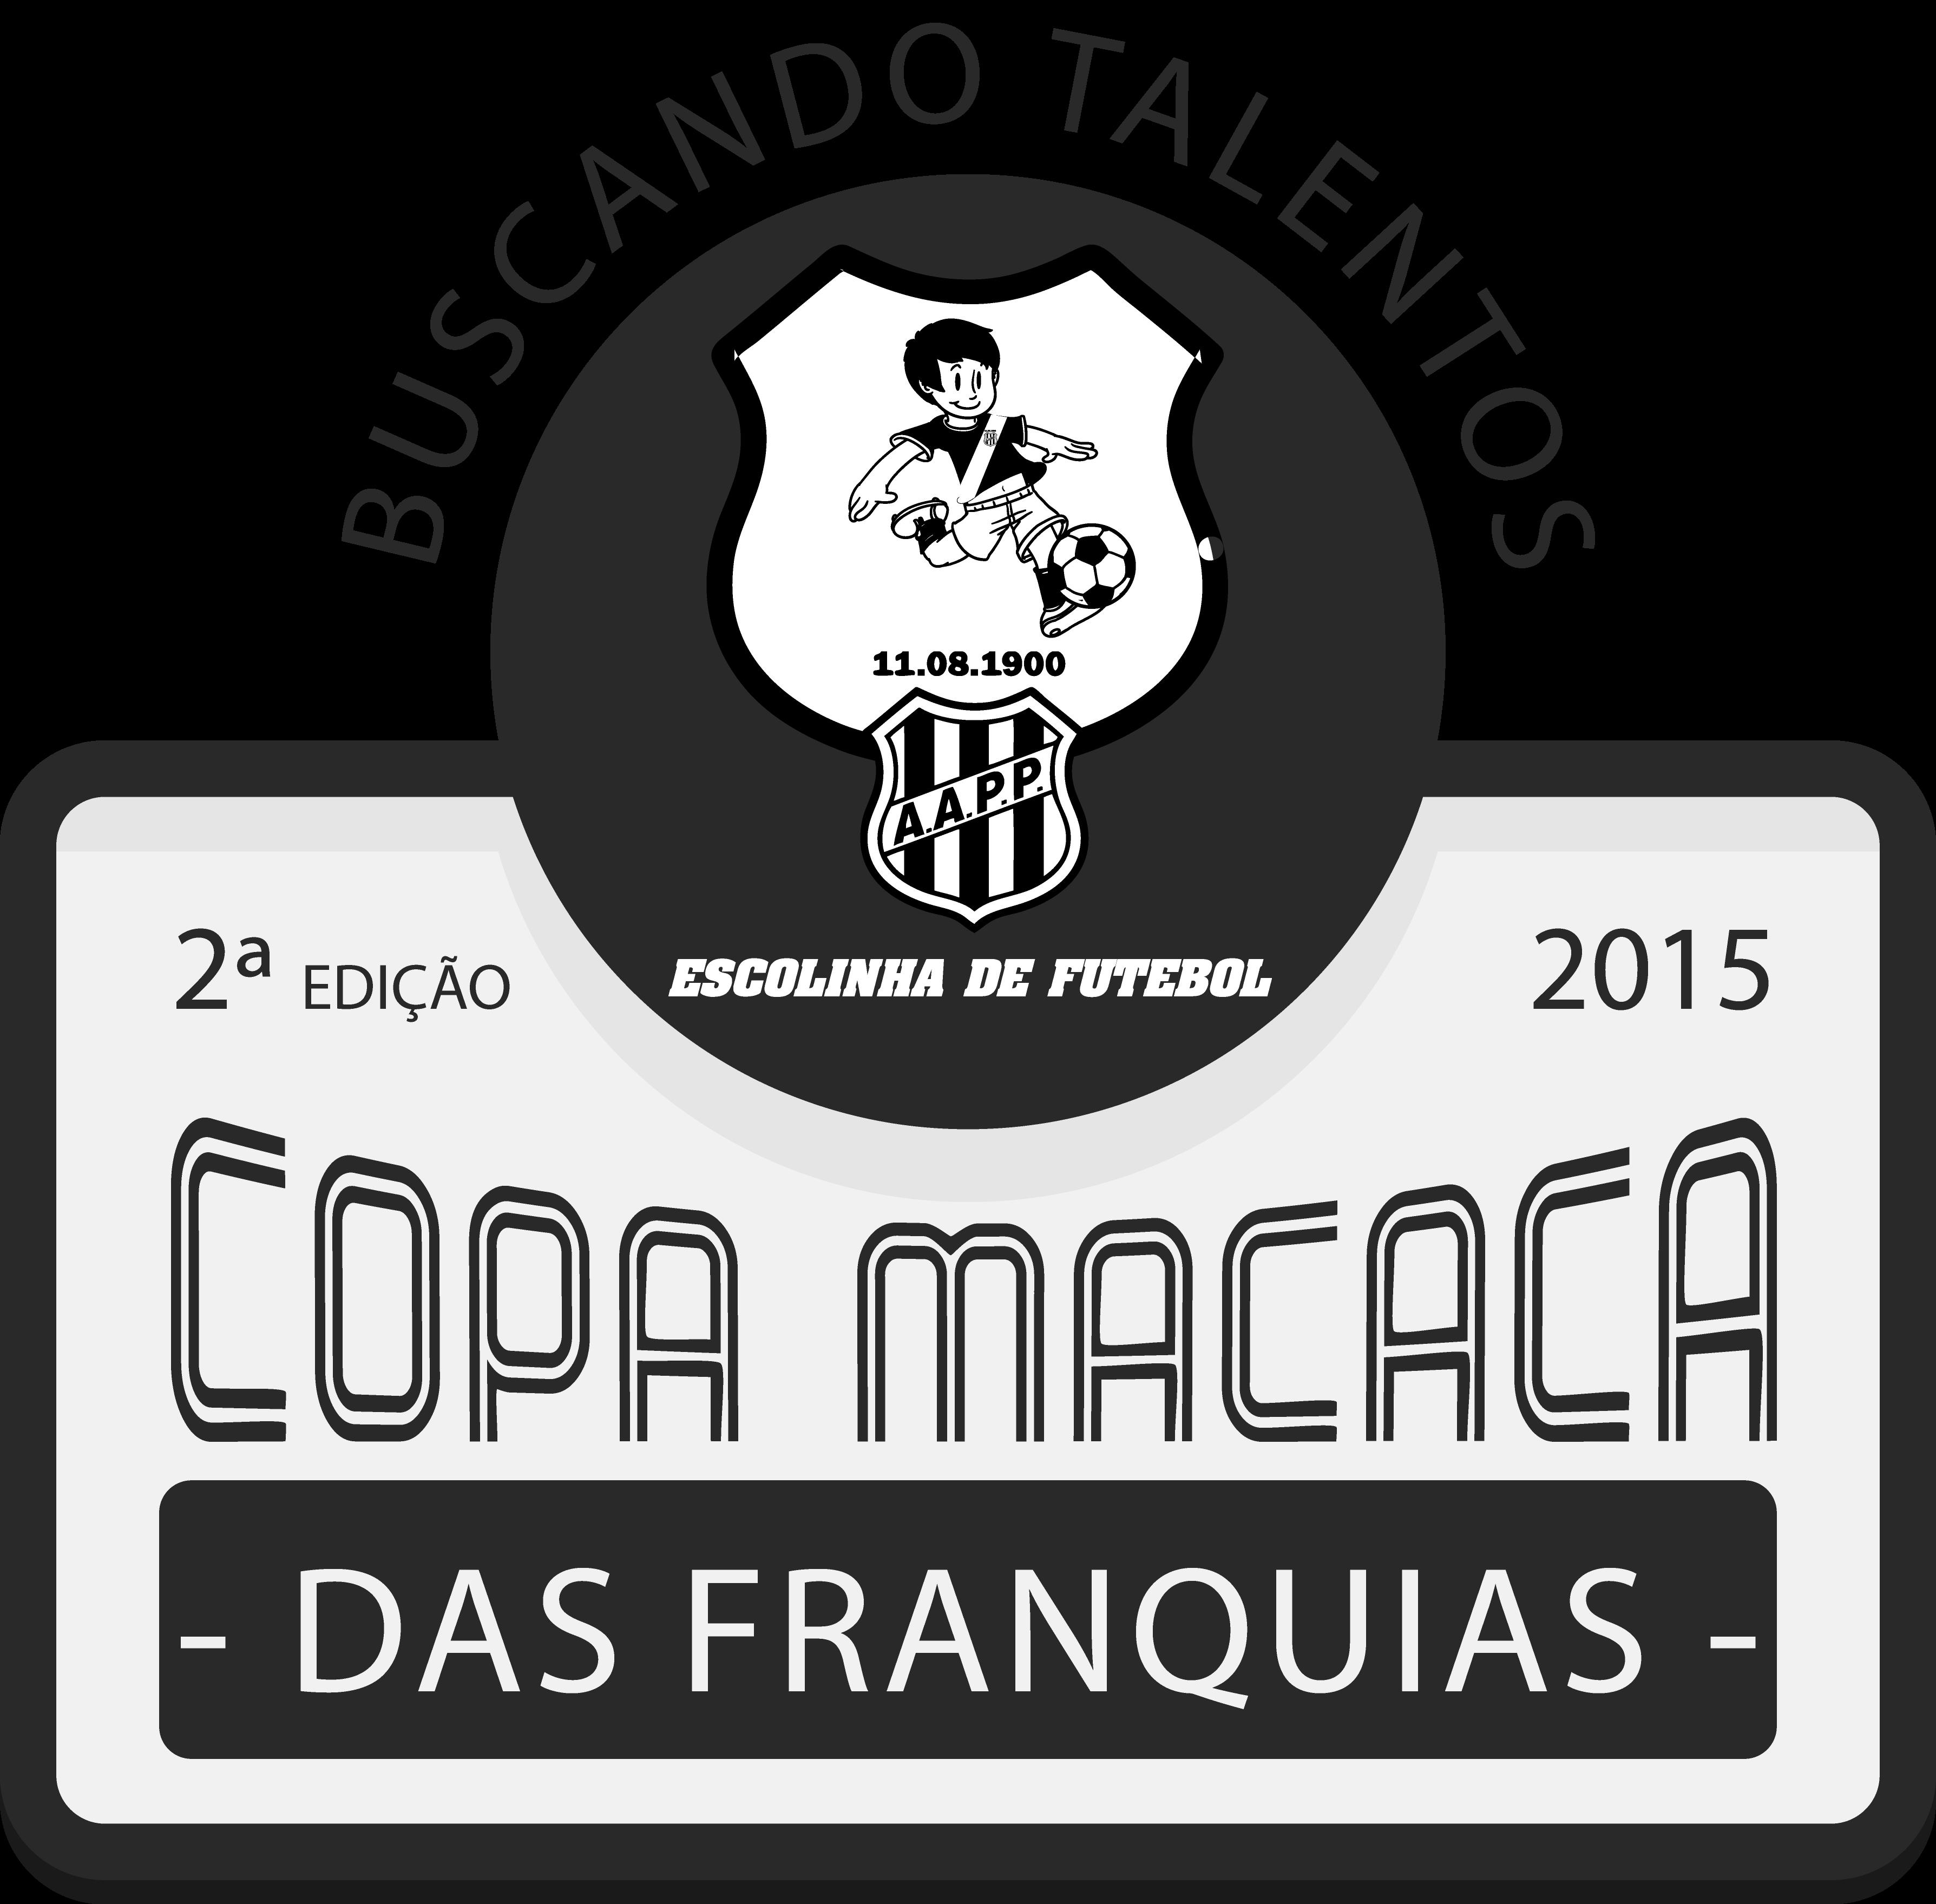 Copa Macaca das Franquias - 2ª edição